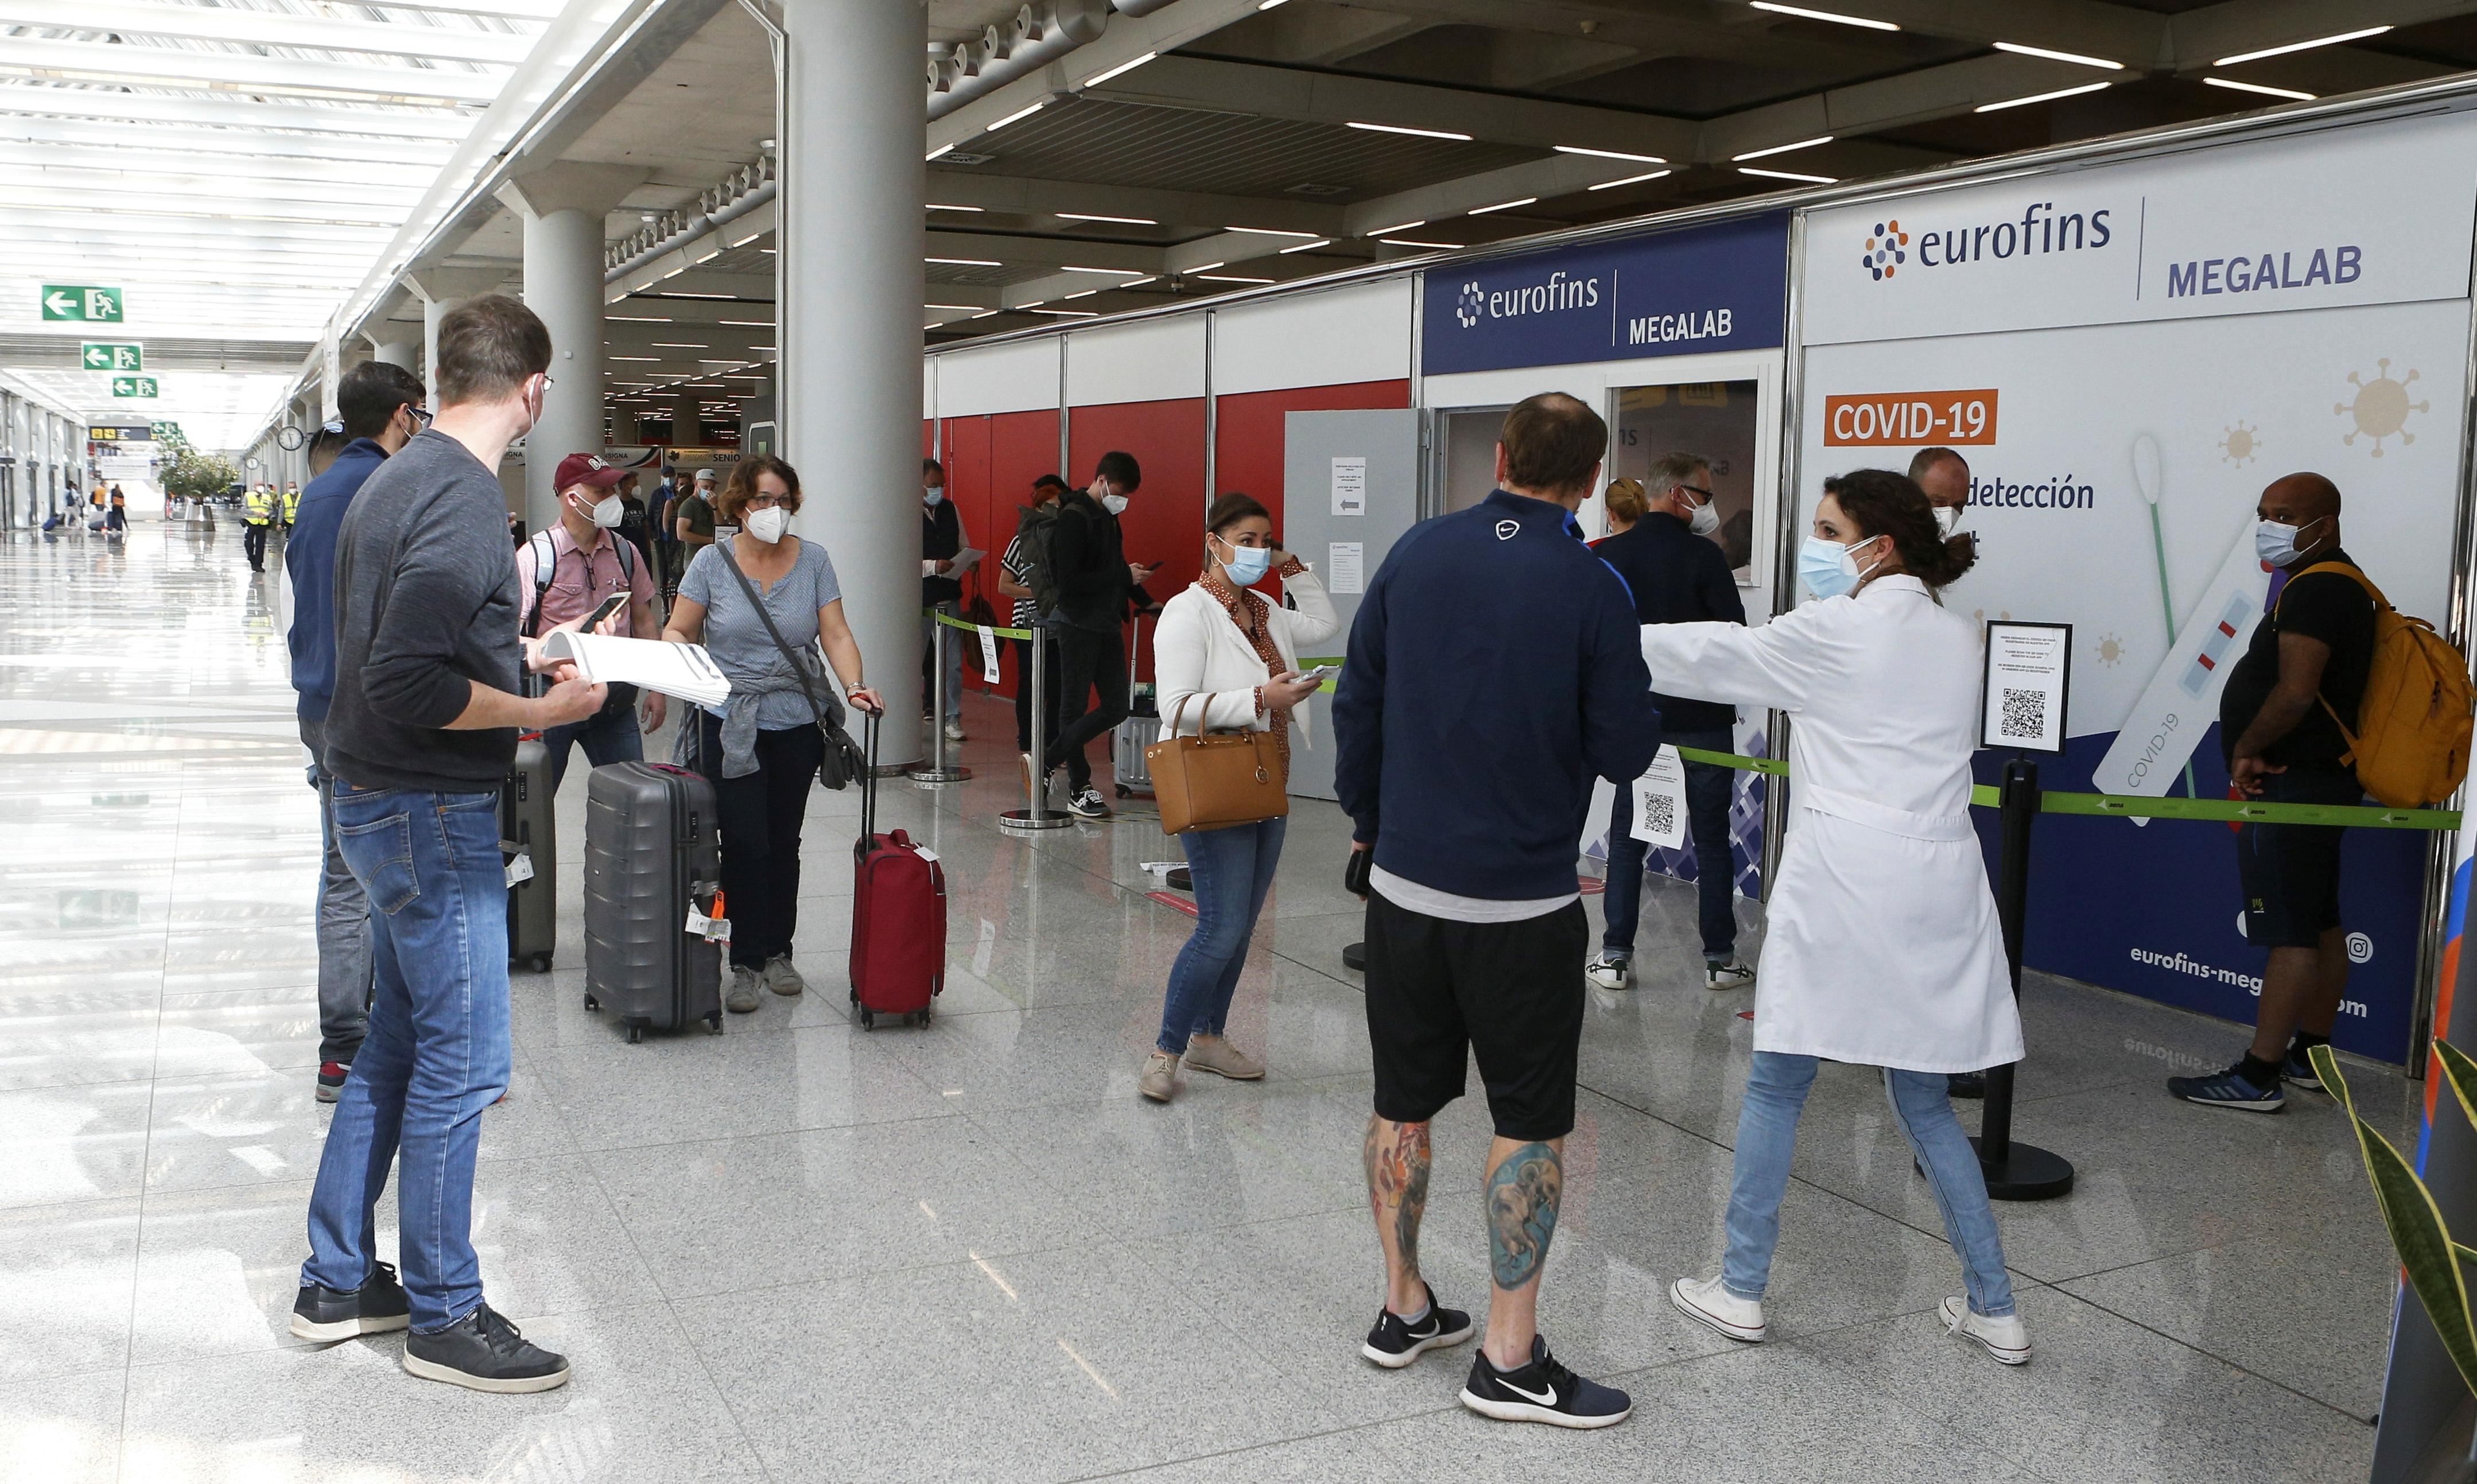 Οι επιβάτες περιμένουν στην ουρά έξω από έναν χώρο δοκιμών για μια νόσο κοραναϊού (COVID-19) στο αεροδρόμιο Son Sant Joan στην Πάλμα ντε Μαγιόρκα, πριν από τις γιορτές του Πάσχα, Ισπανία, 1 Απριλίου 2021. REUTERS / Enrique Calvo